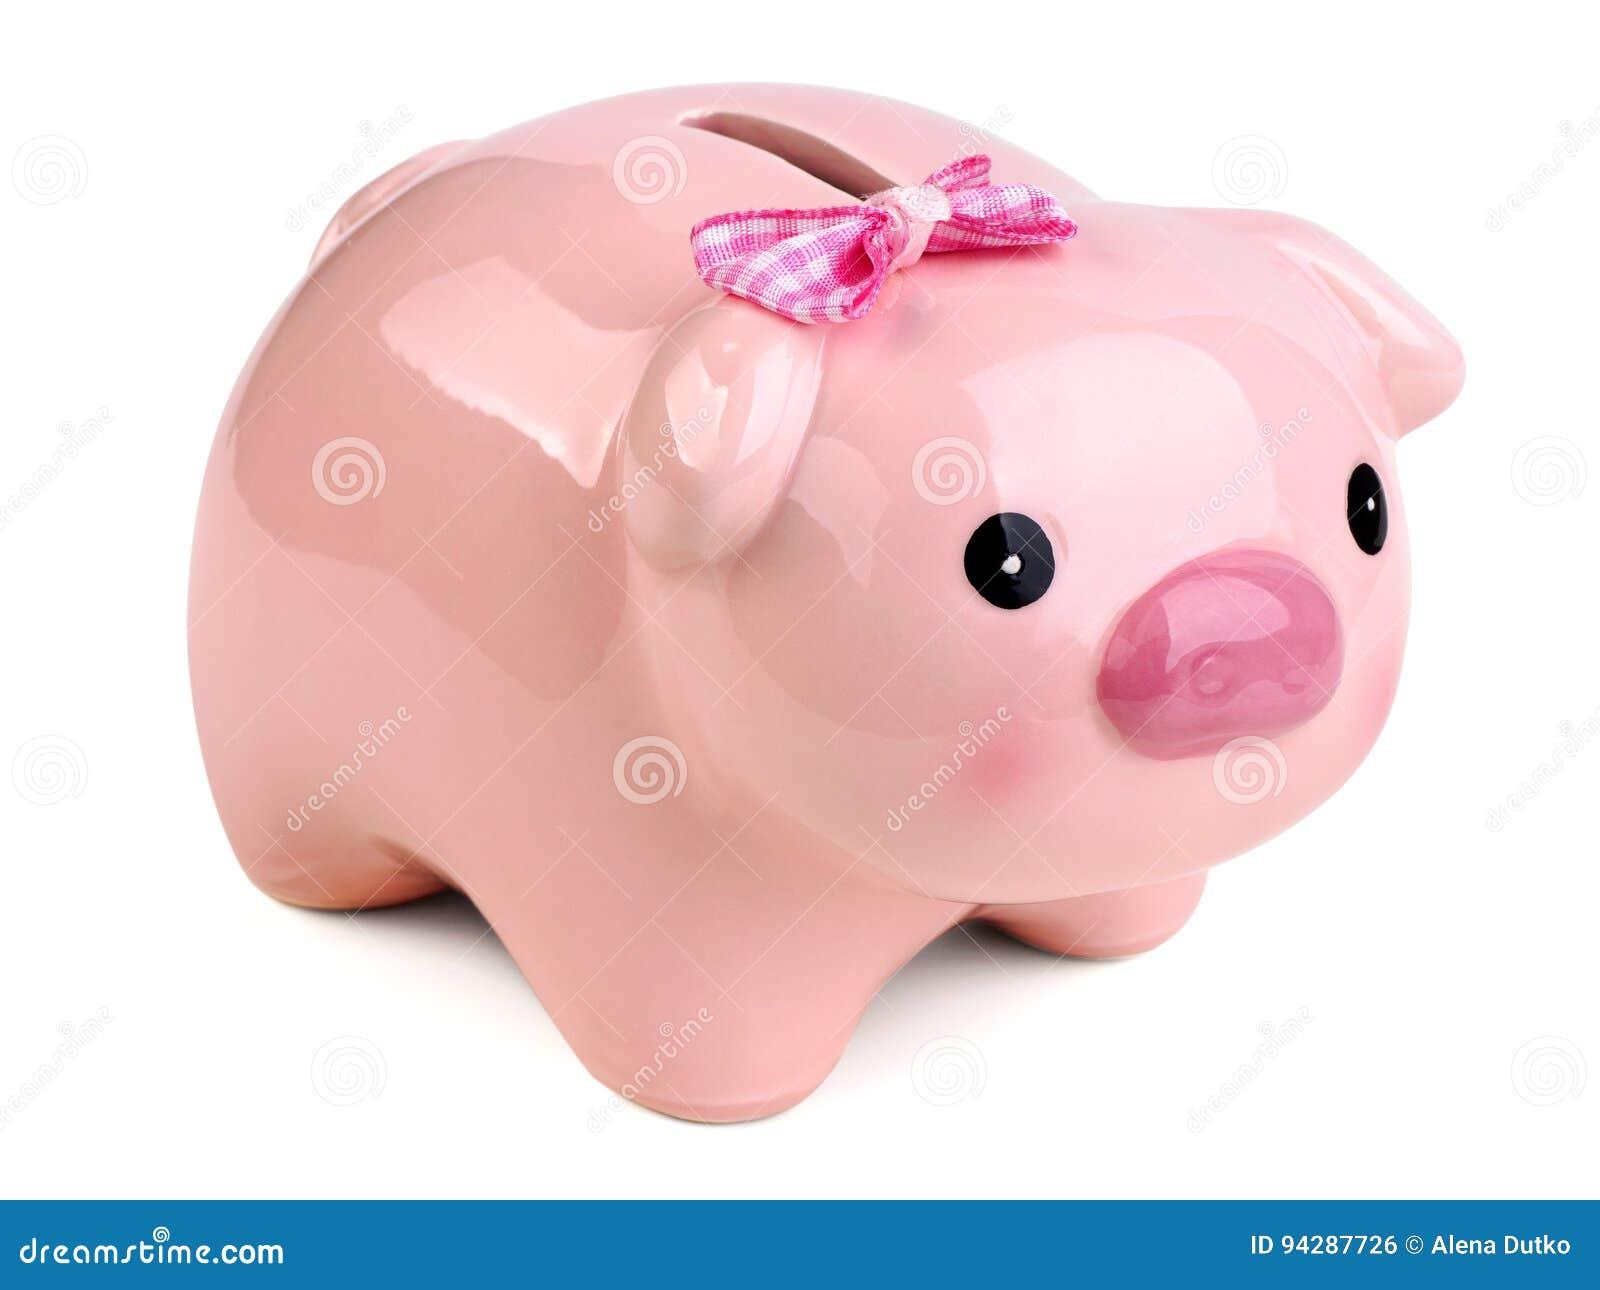 Funny Piggy Banks